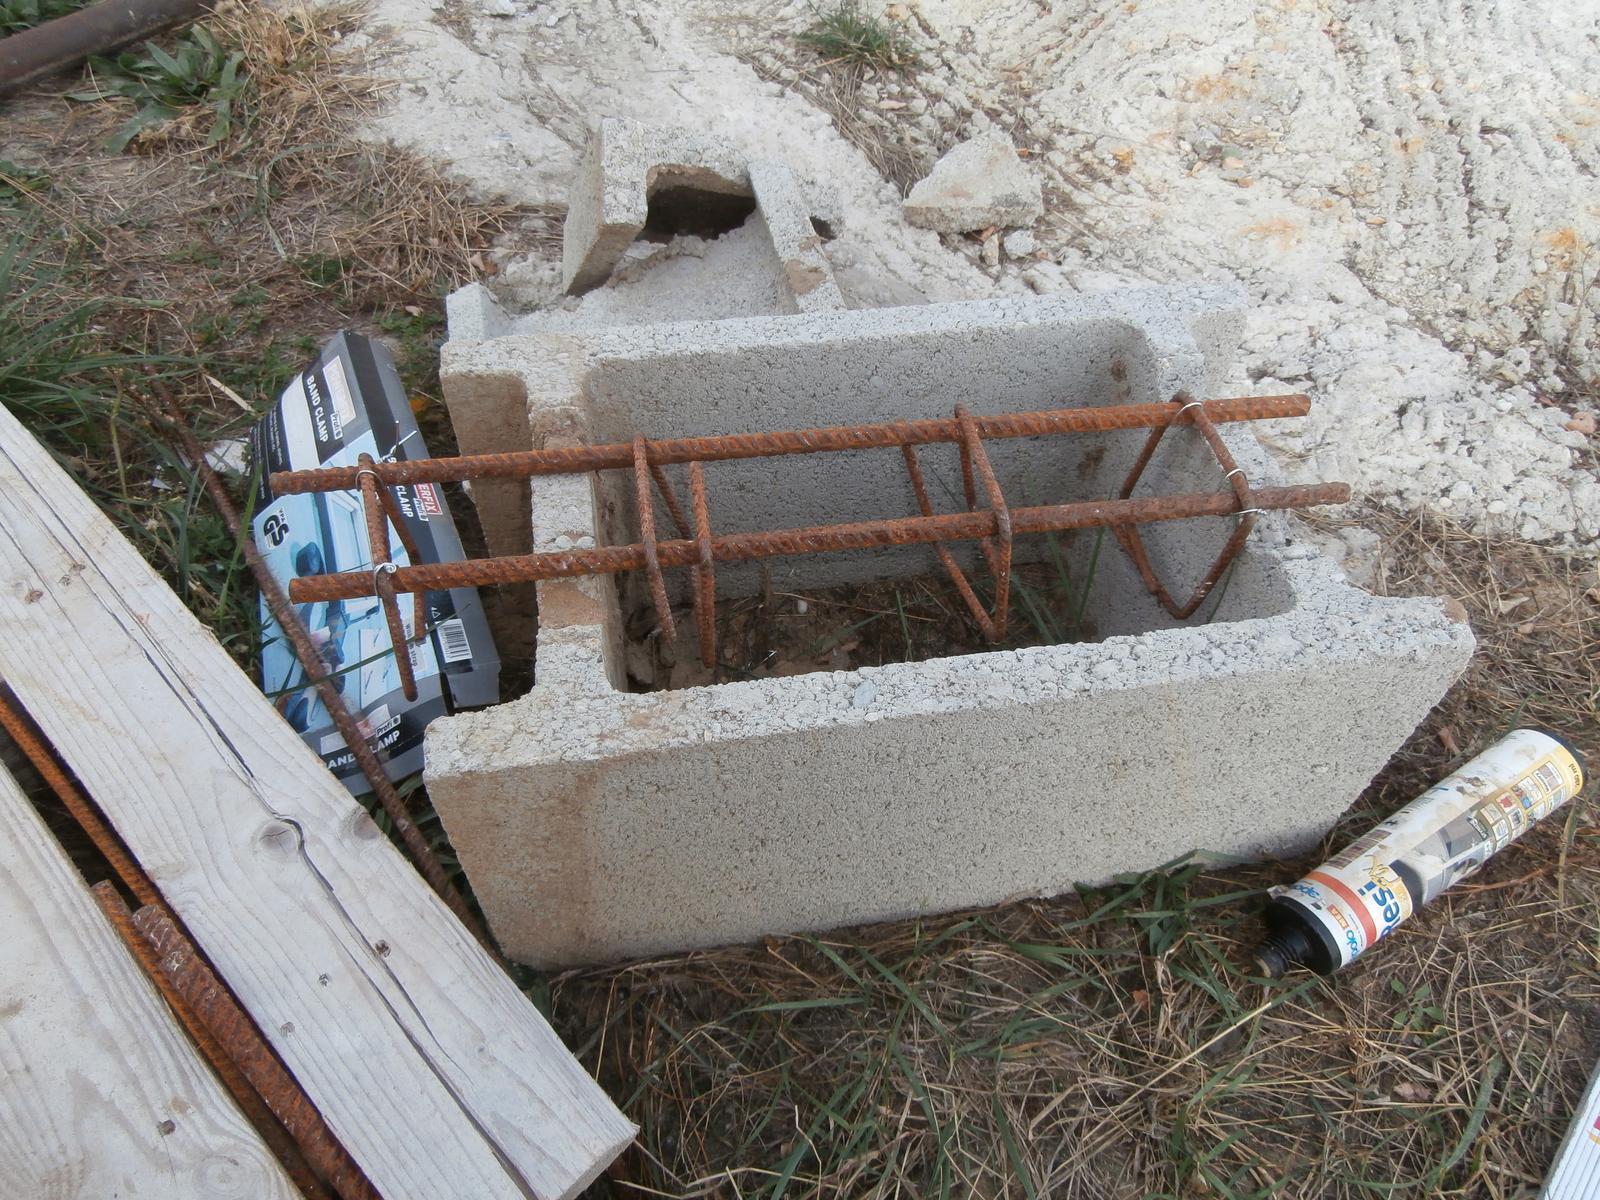 Bungalov z vápenno pieskových tvárnic(VPC) od Kalksandsteinu - Armatúra do mini venčeka, s ktorým som dorovnal výšku stlpu pri vchode, aby netrebalo použiť pomúrnicu a  mohol sa BSH navrtať priamo na stlp